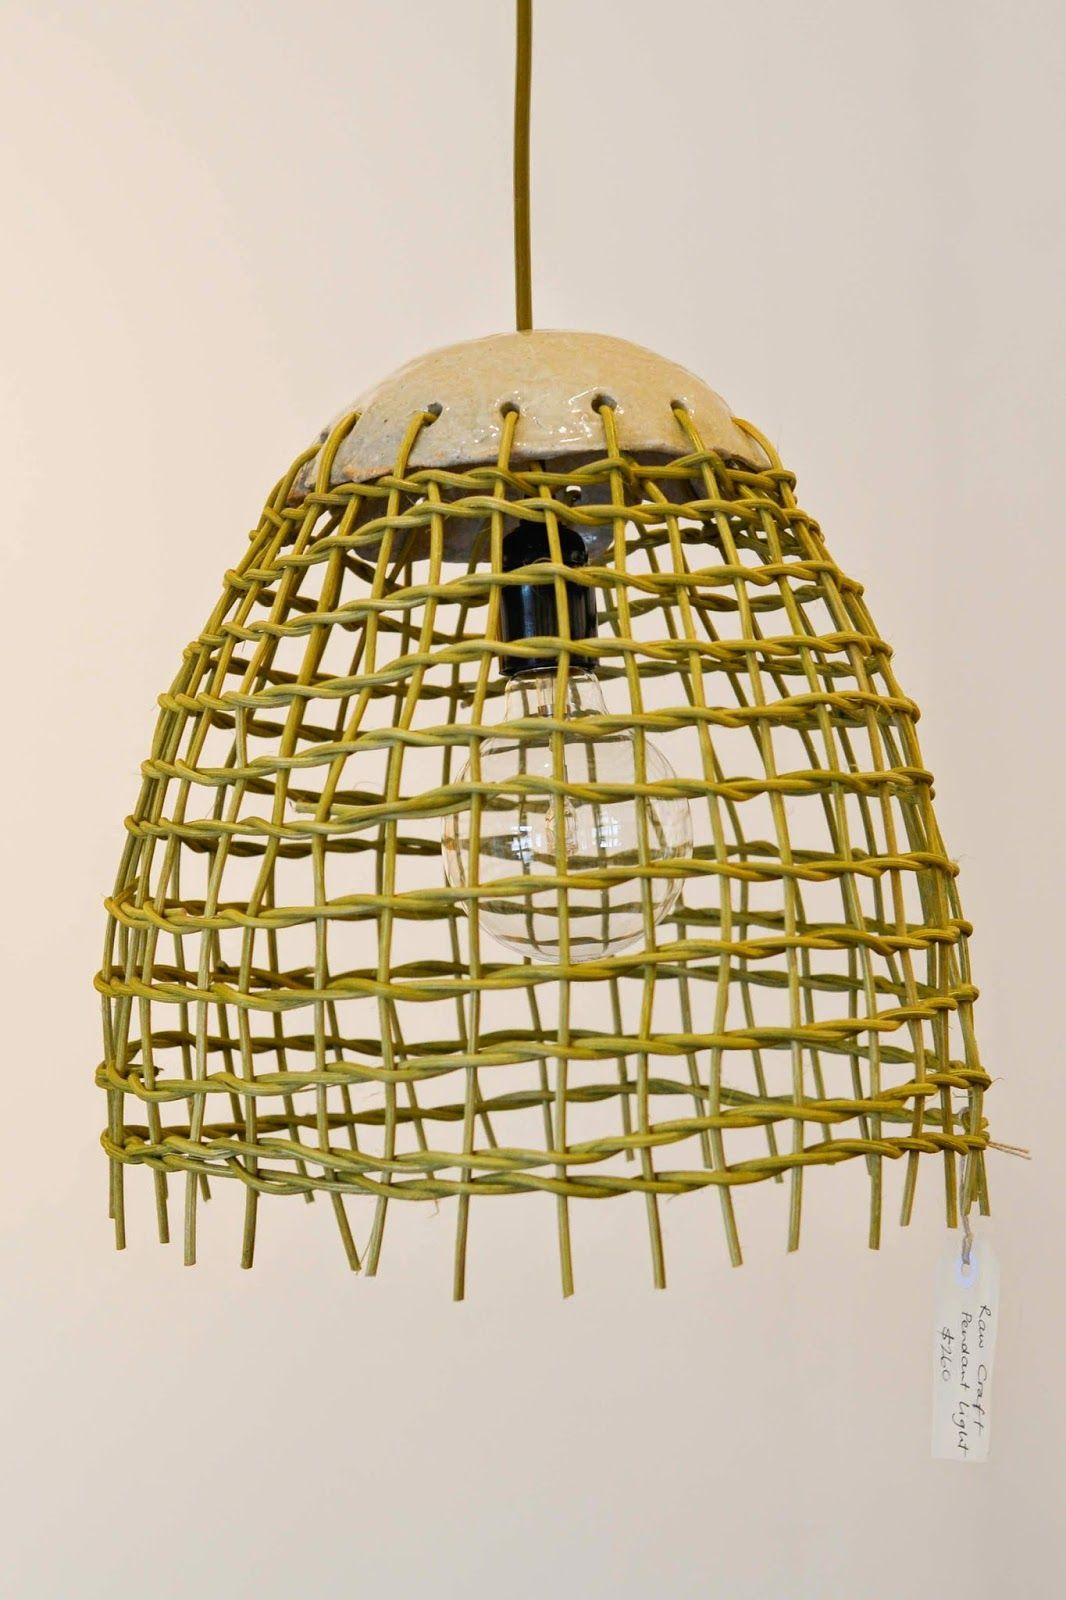 Raw Craft Woven Lights N A T L I E M R